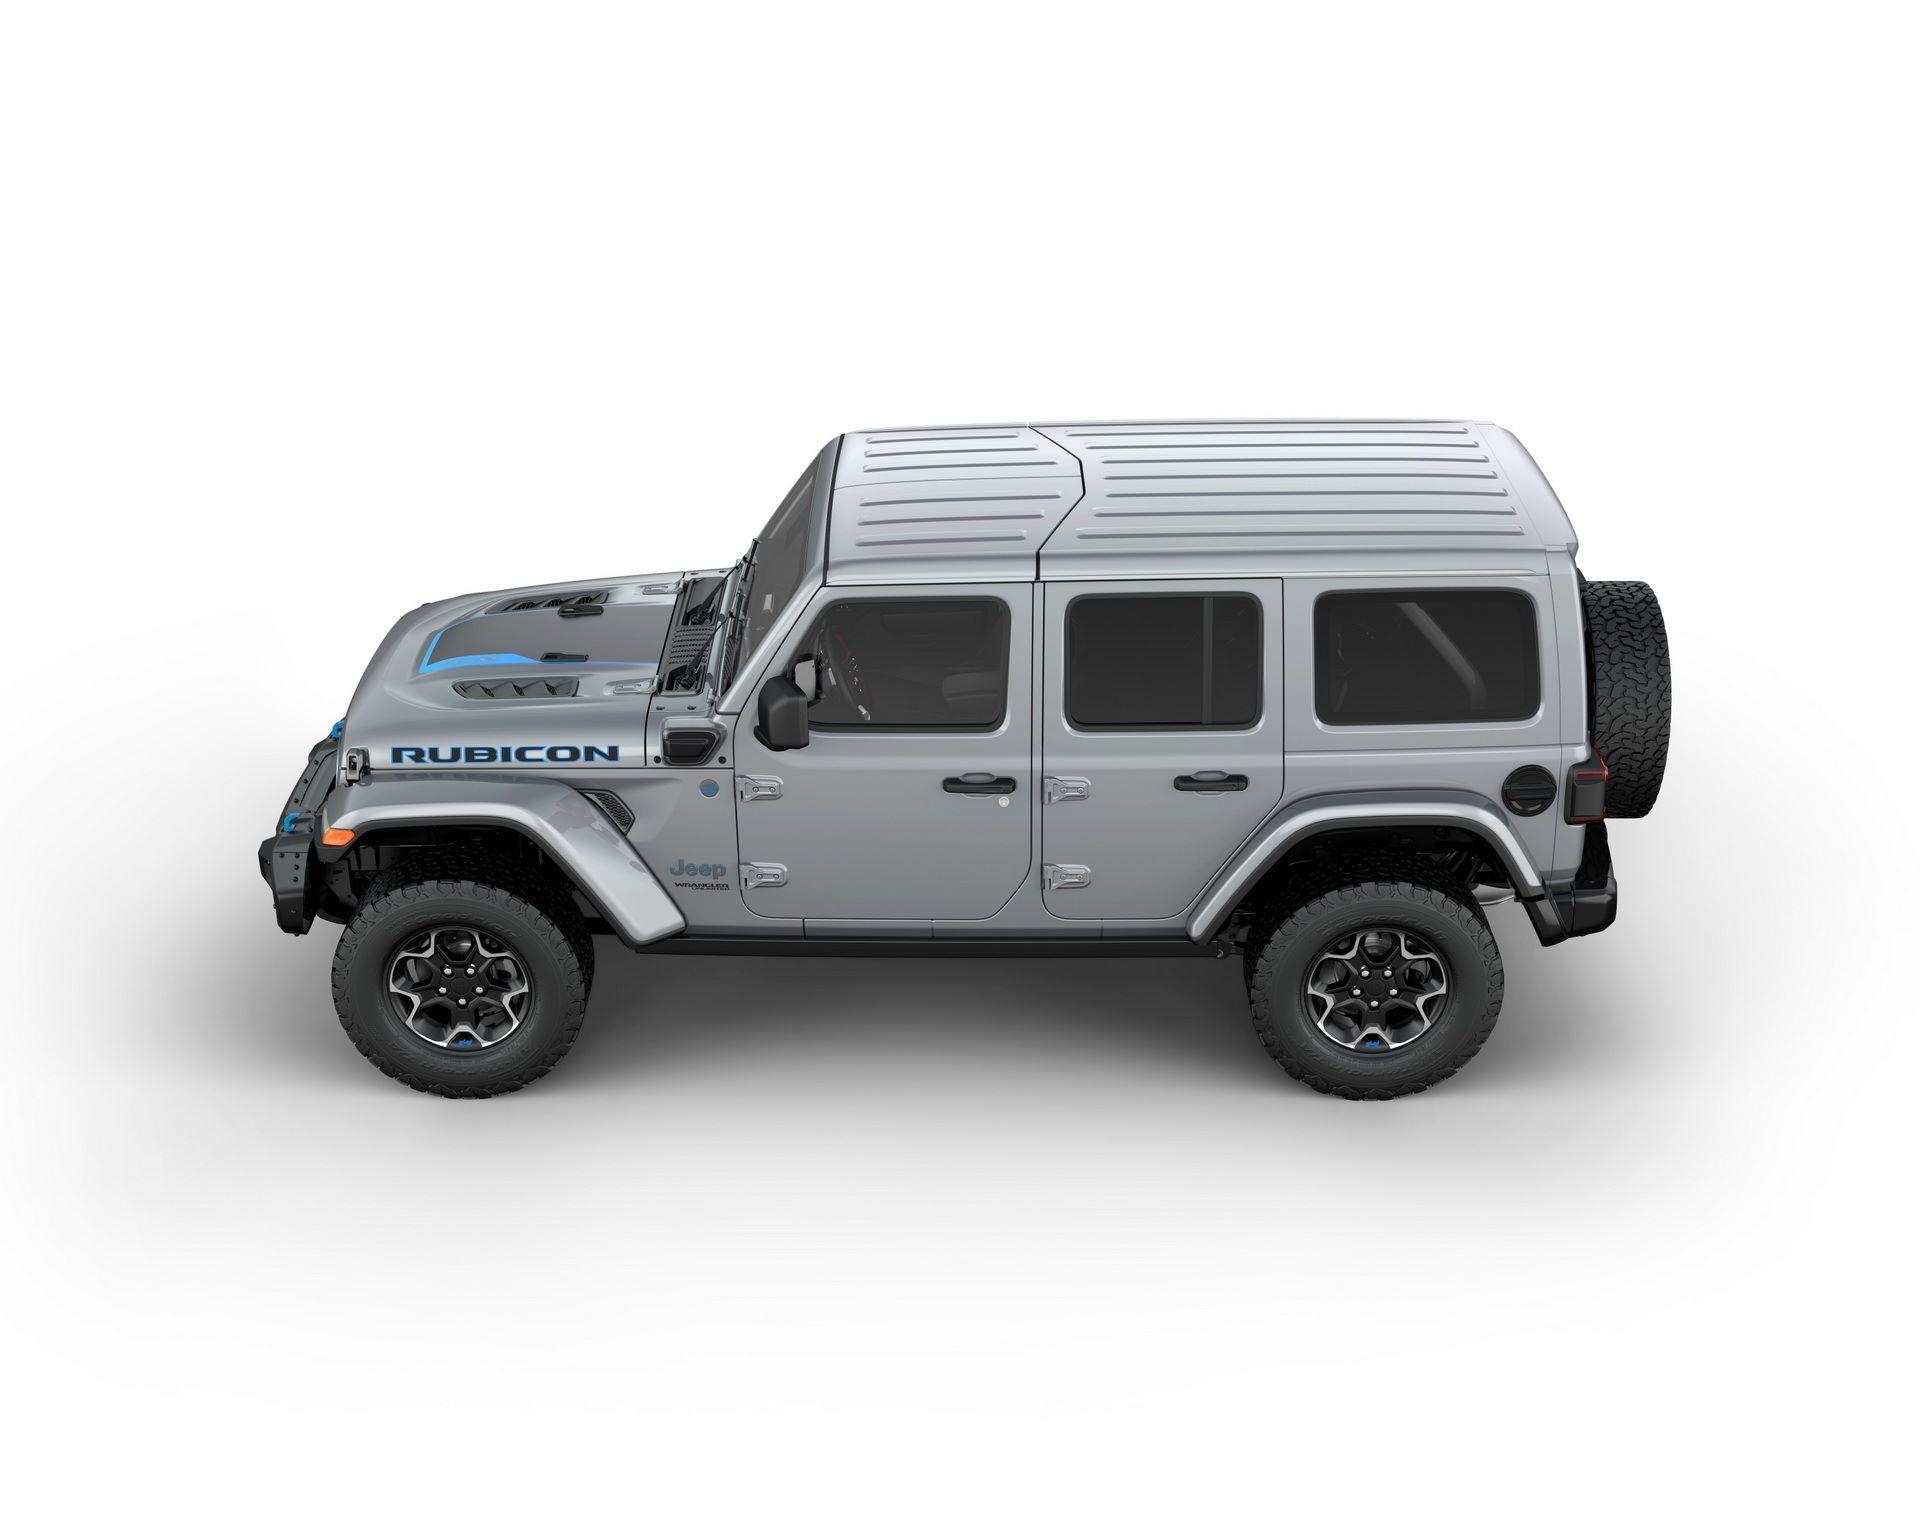 Jeep-Wrangler-4xe-44